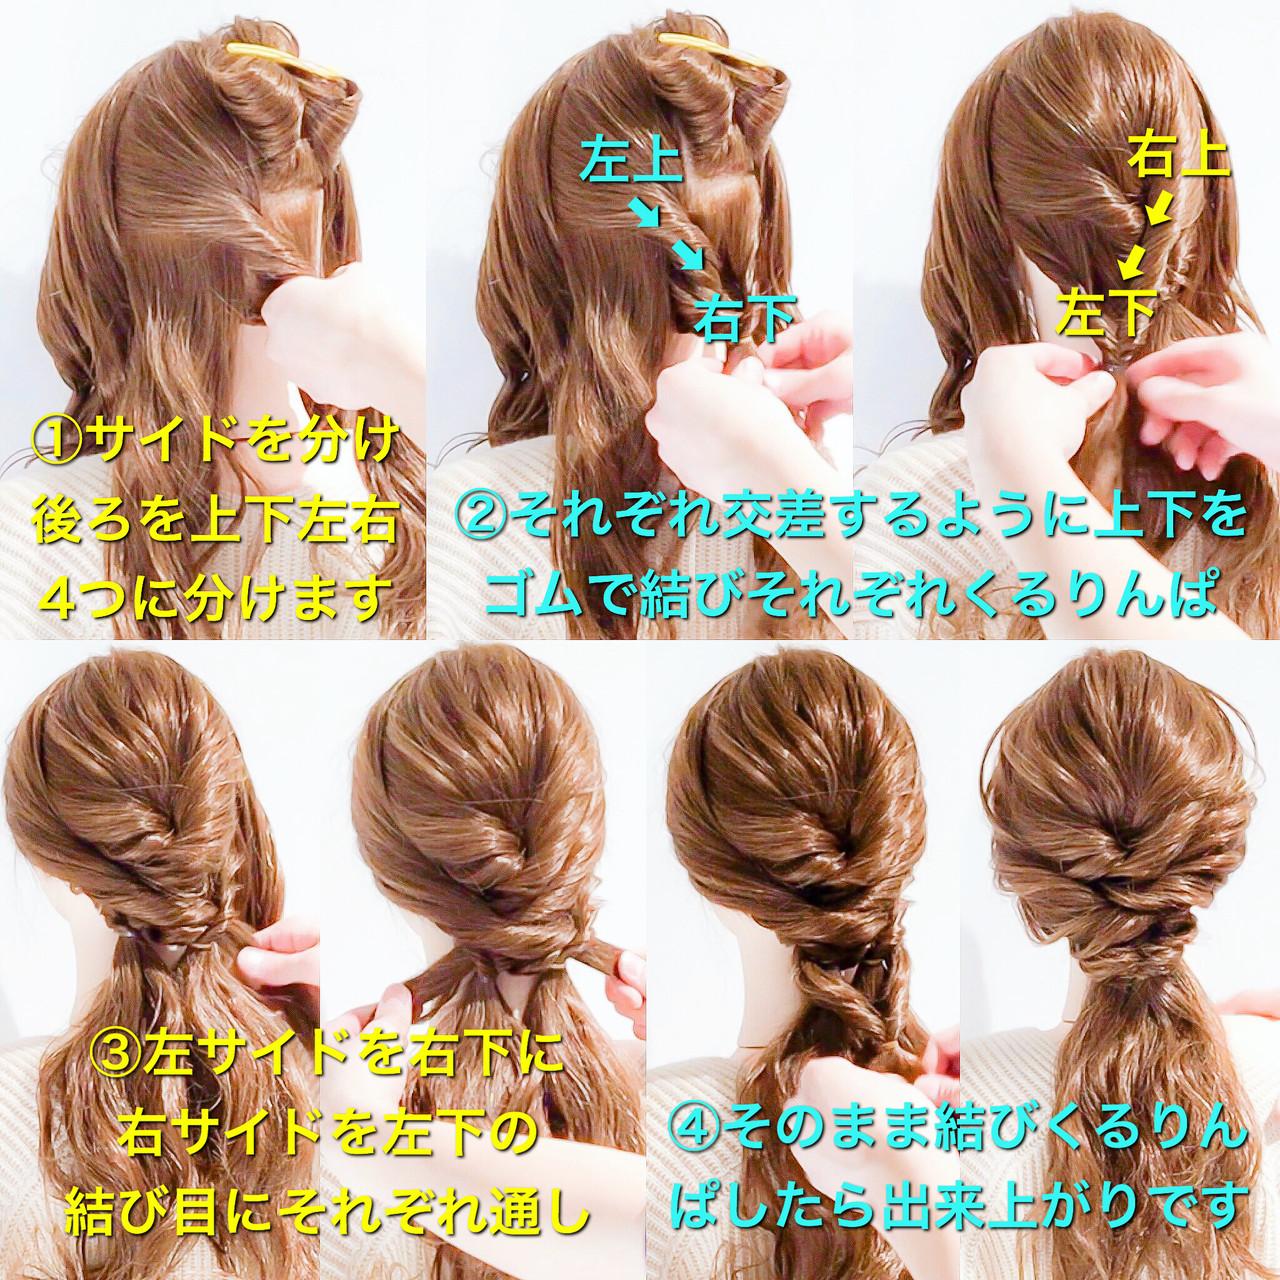 くるりんぱ エレガント ロング 簡単ヘアアレンジ ヘアスタイルや髪型の写真・画像 | 美容師HIRO/Amoute代表 / Amoute/アムティ